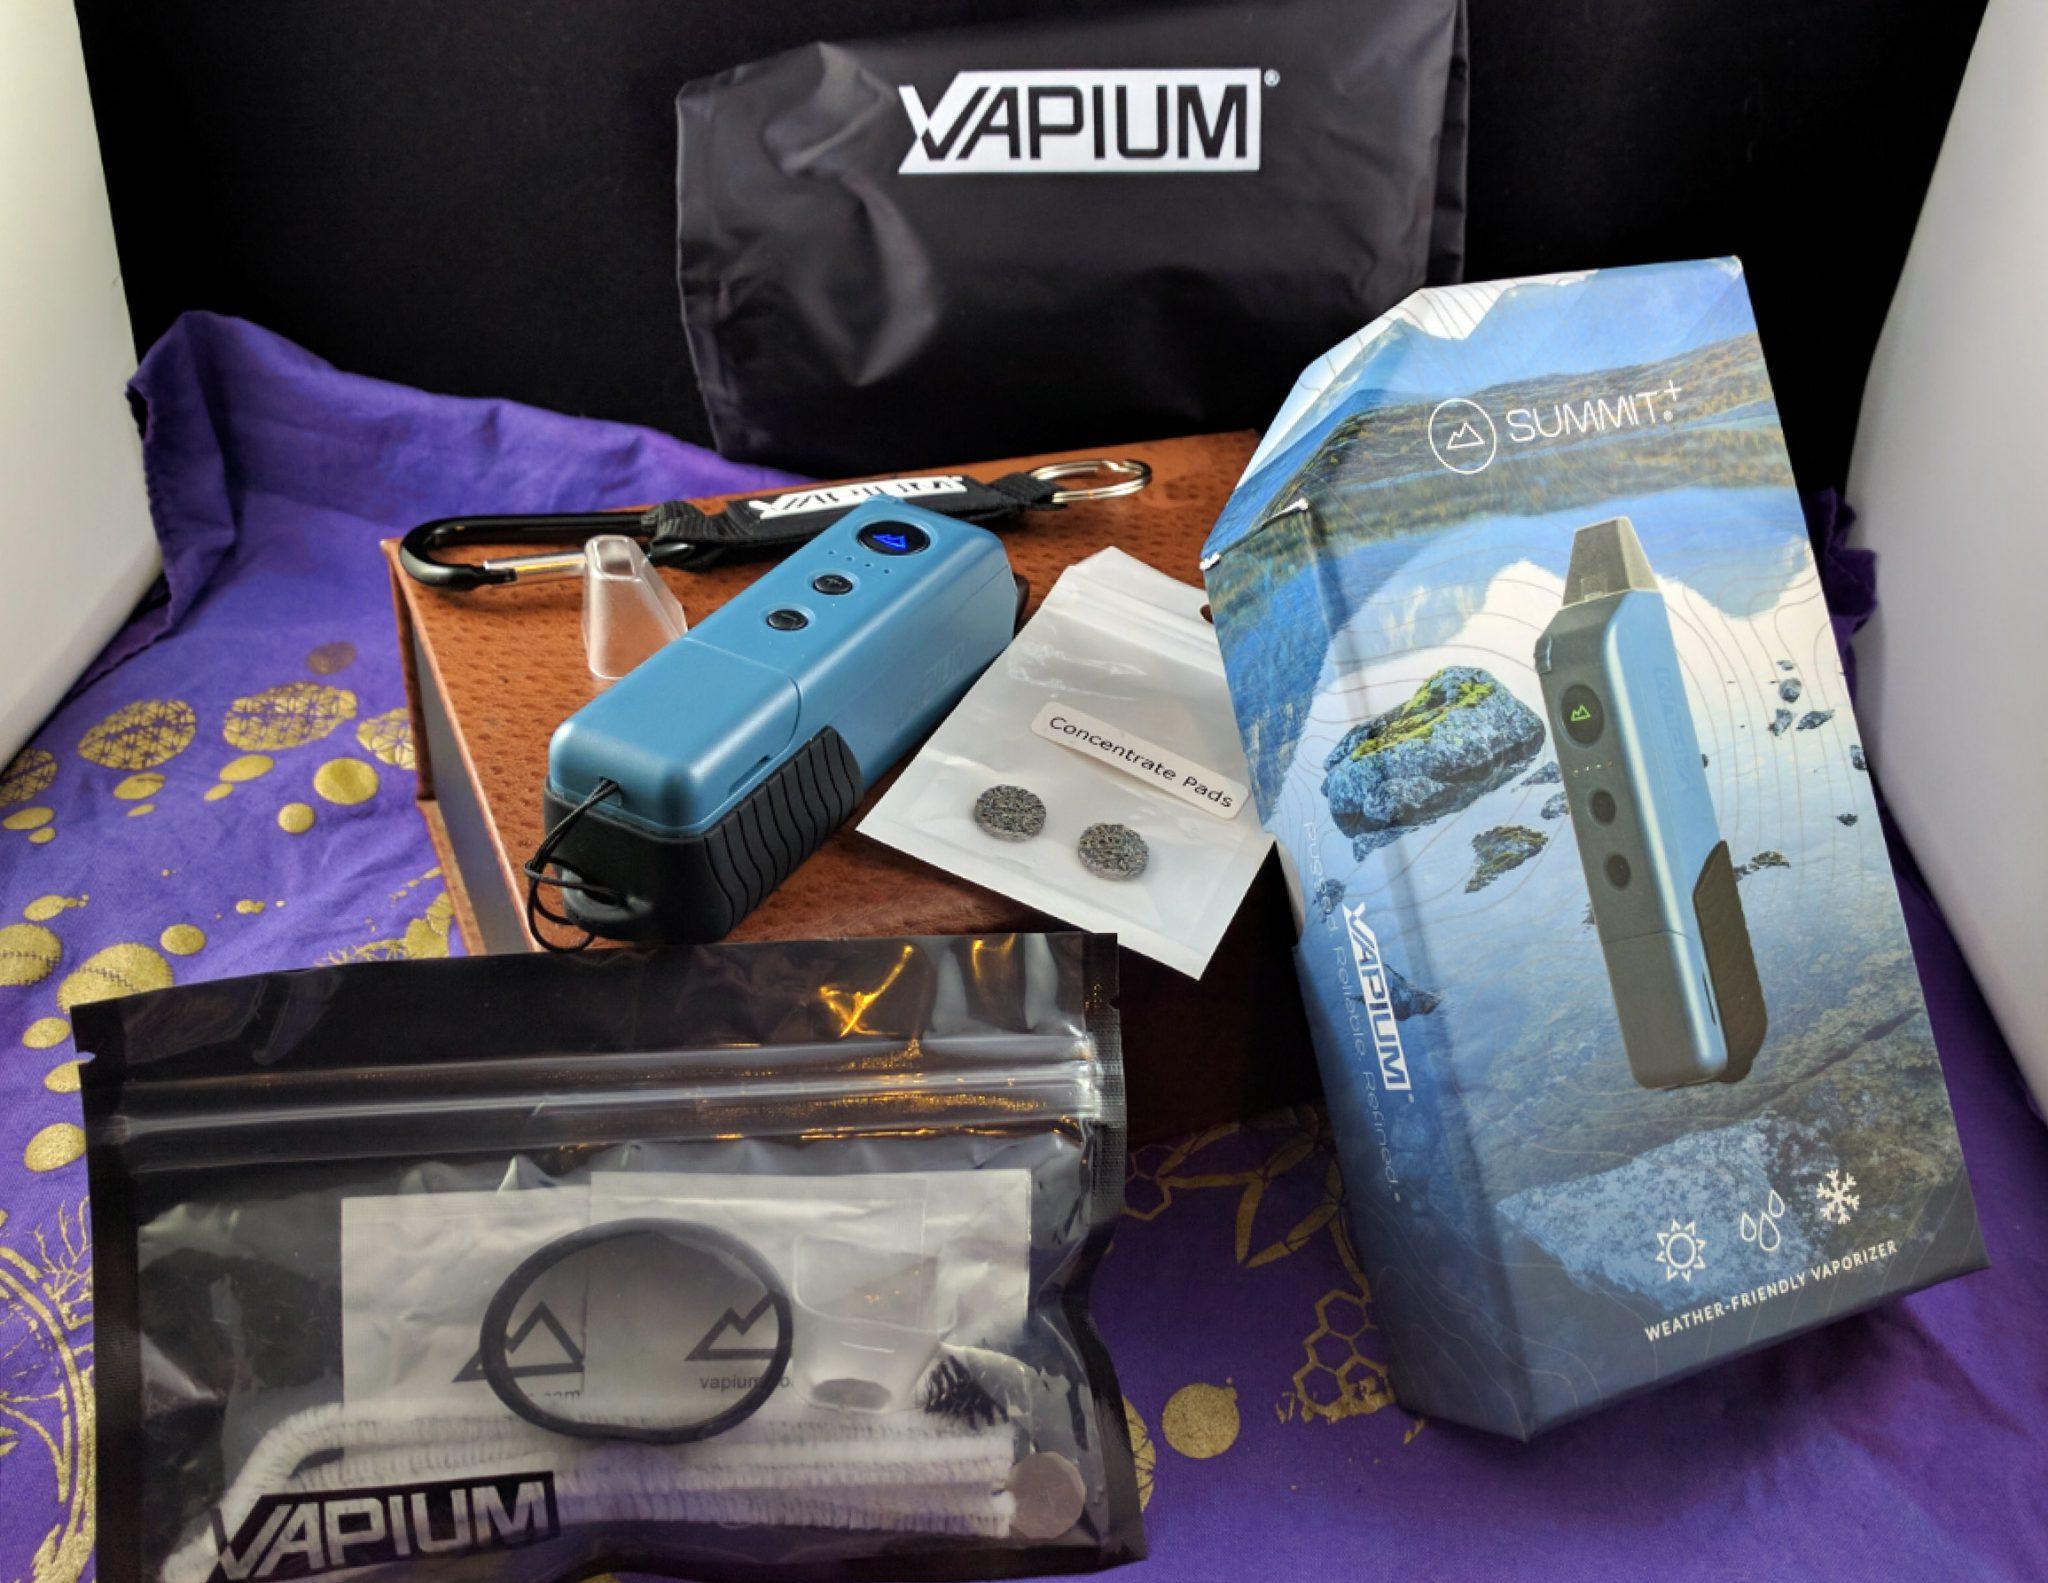 vapium summit vaporizer